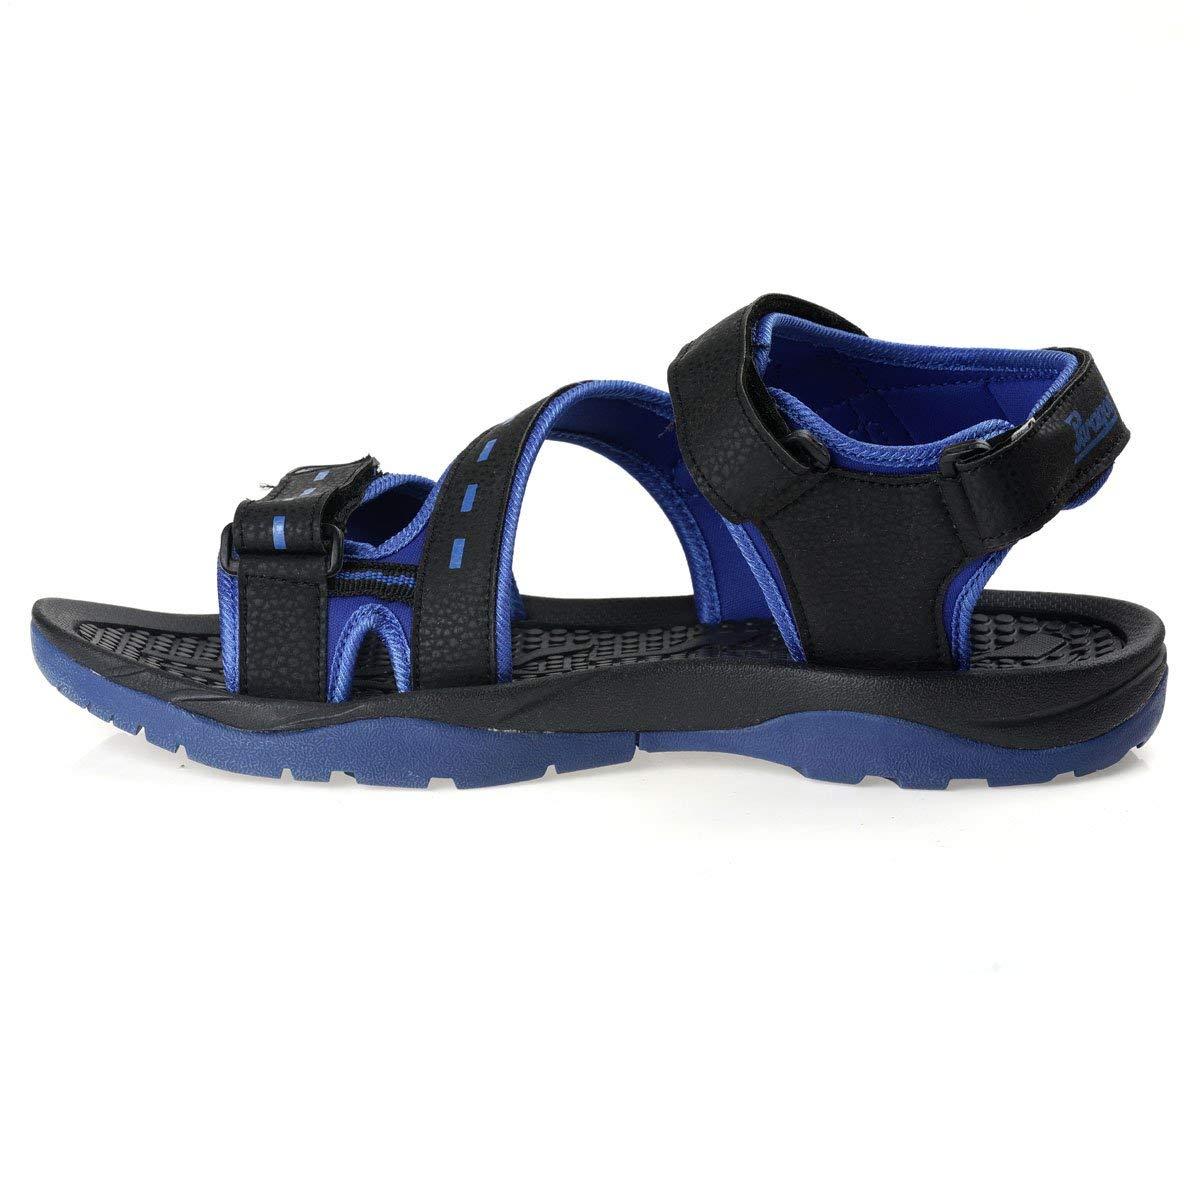 PARAGON Stimulus Men's Black Sandals- Amazon